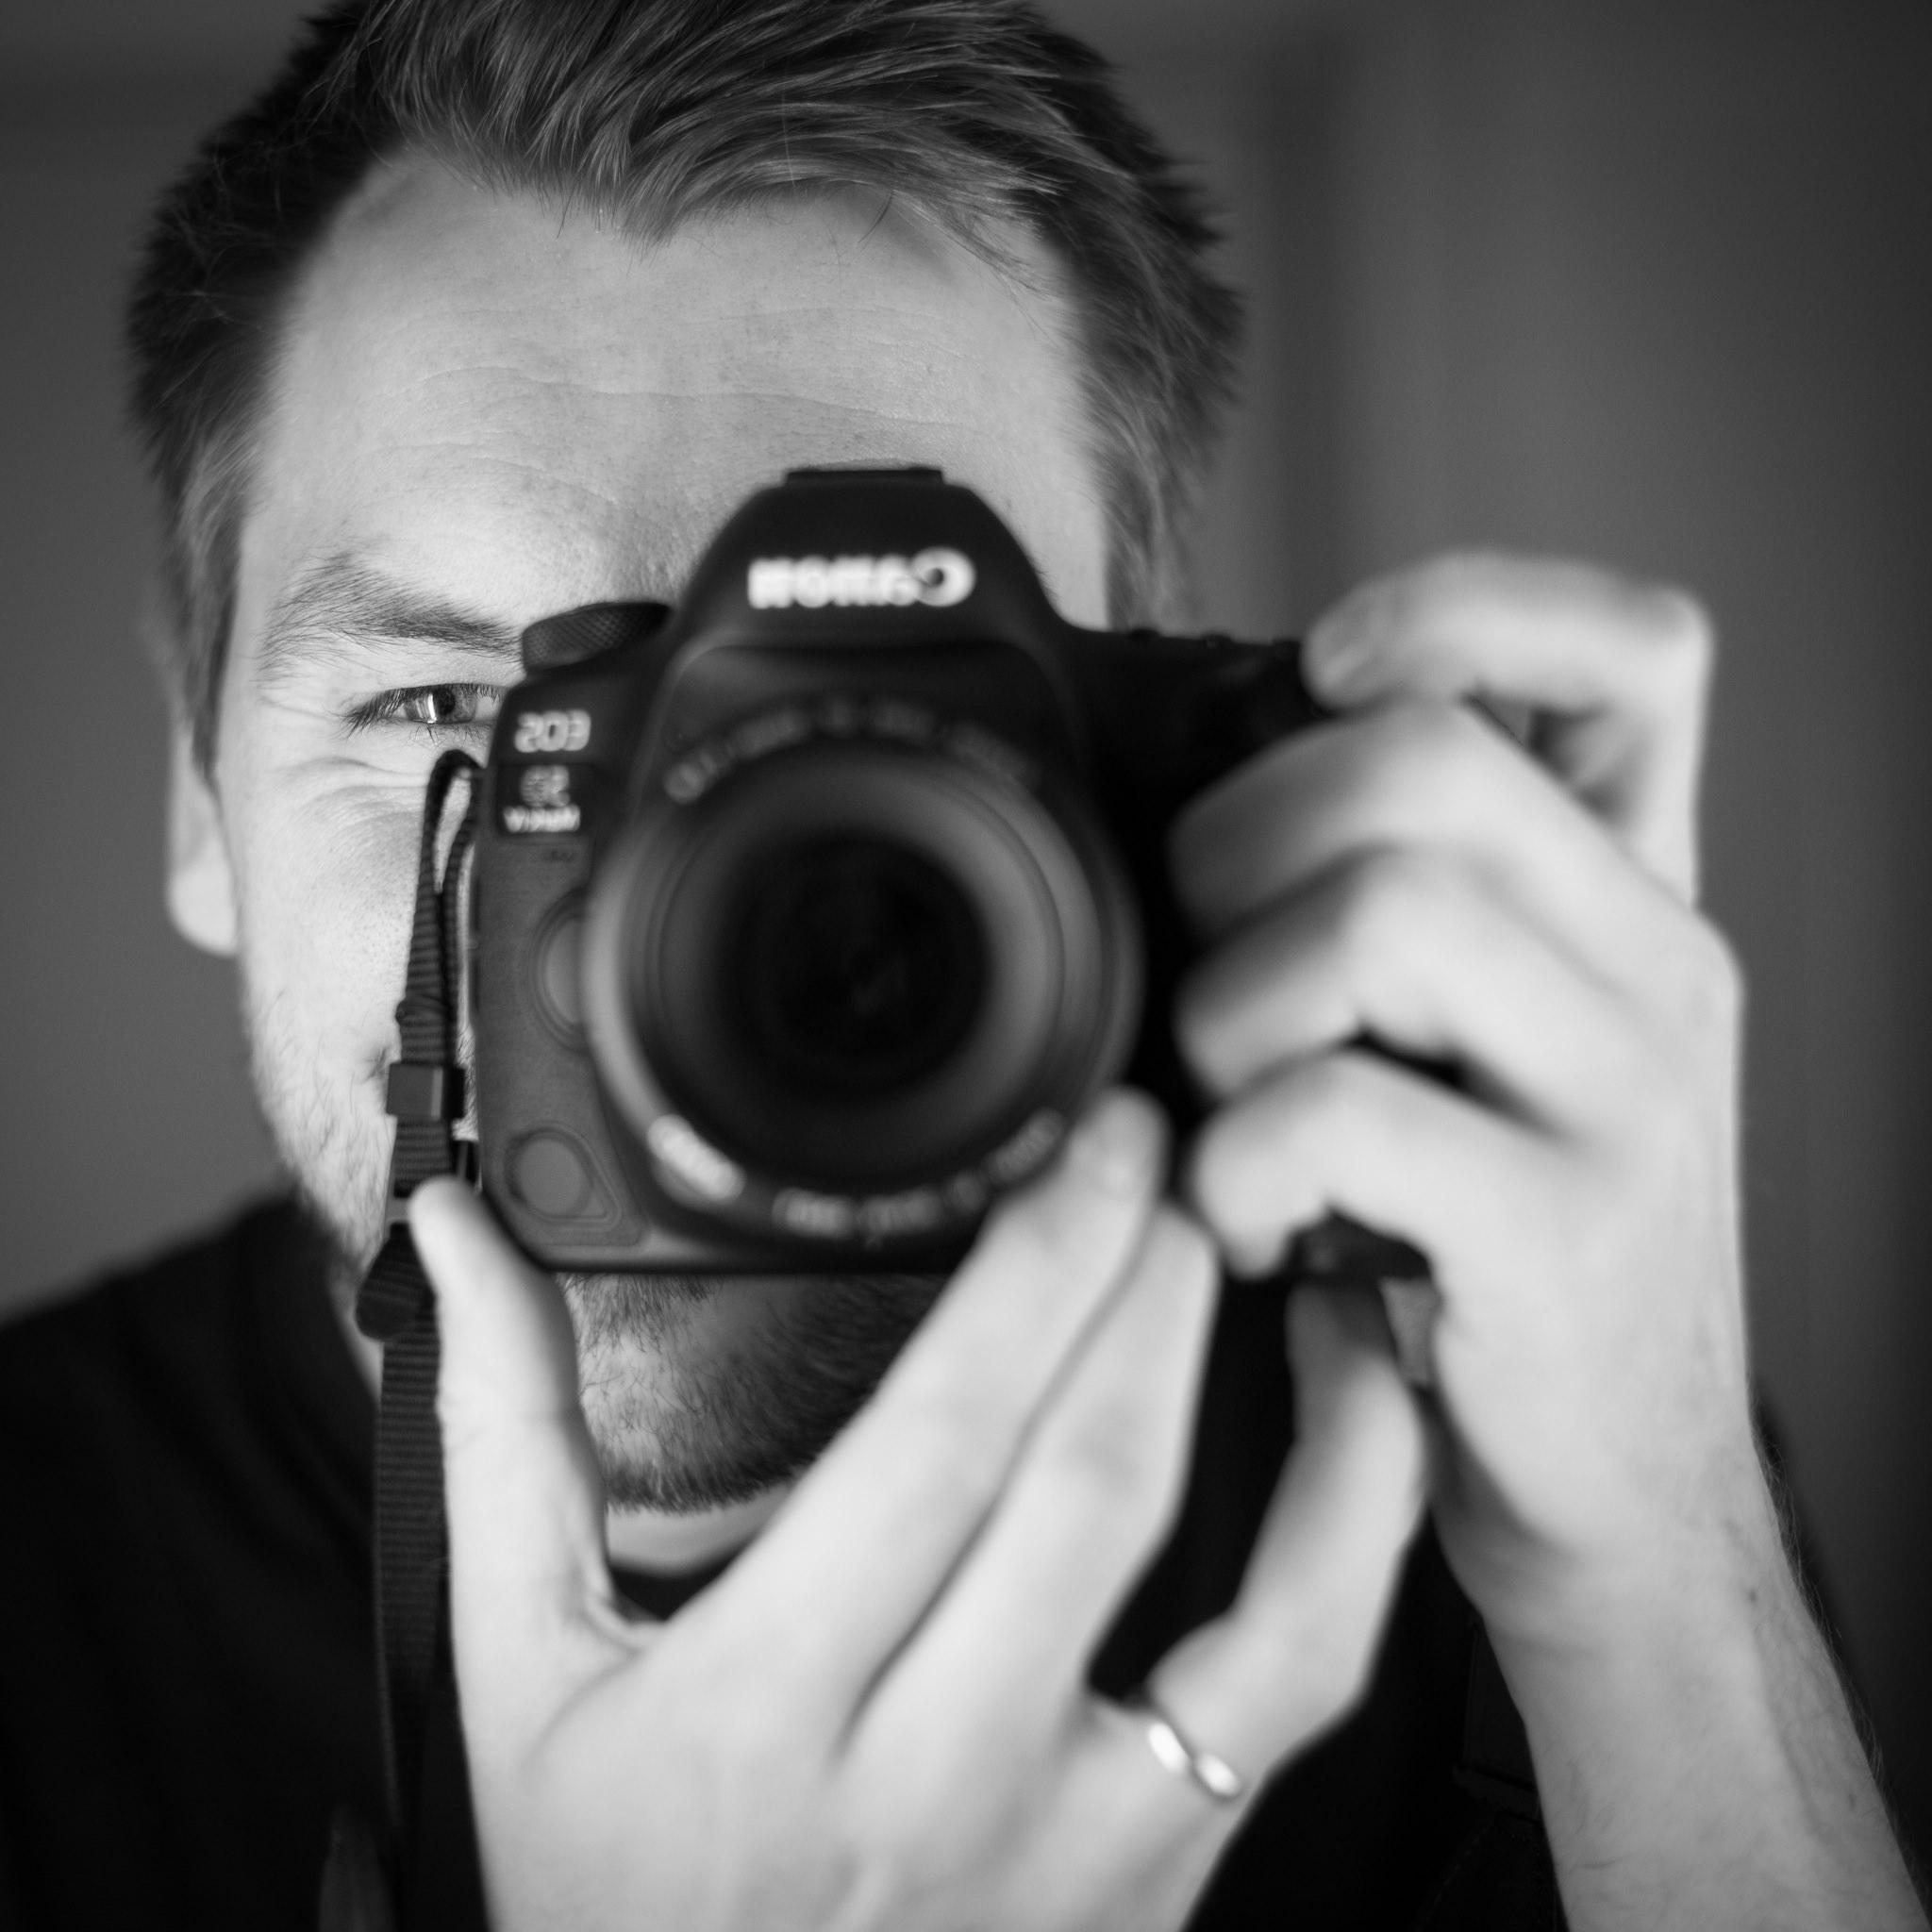 @martinhugnefoto -          Martin Hugne - Foto på Instagram